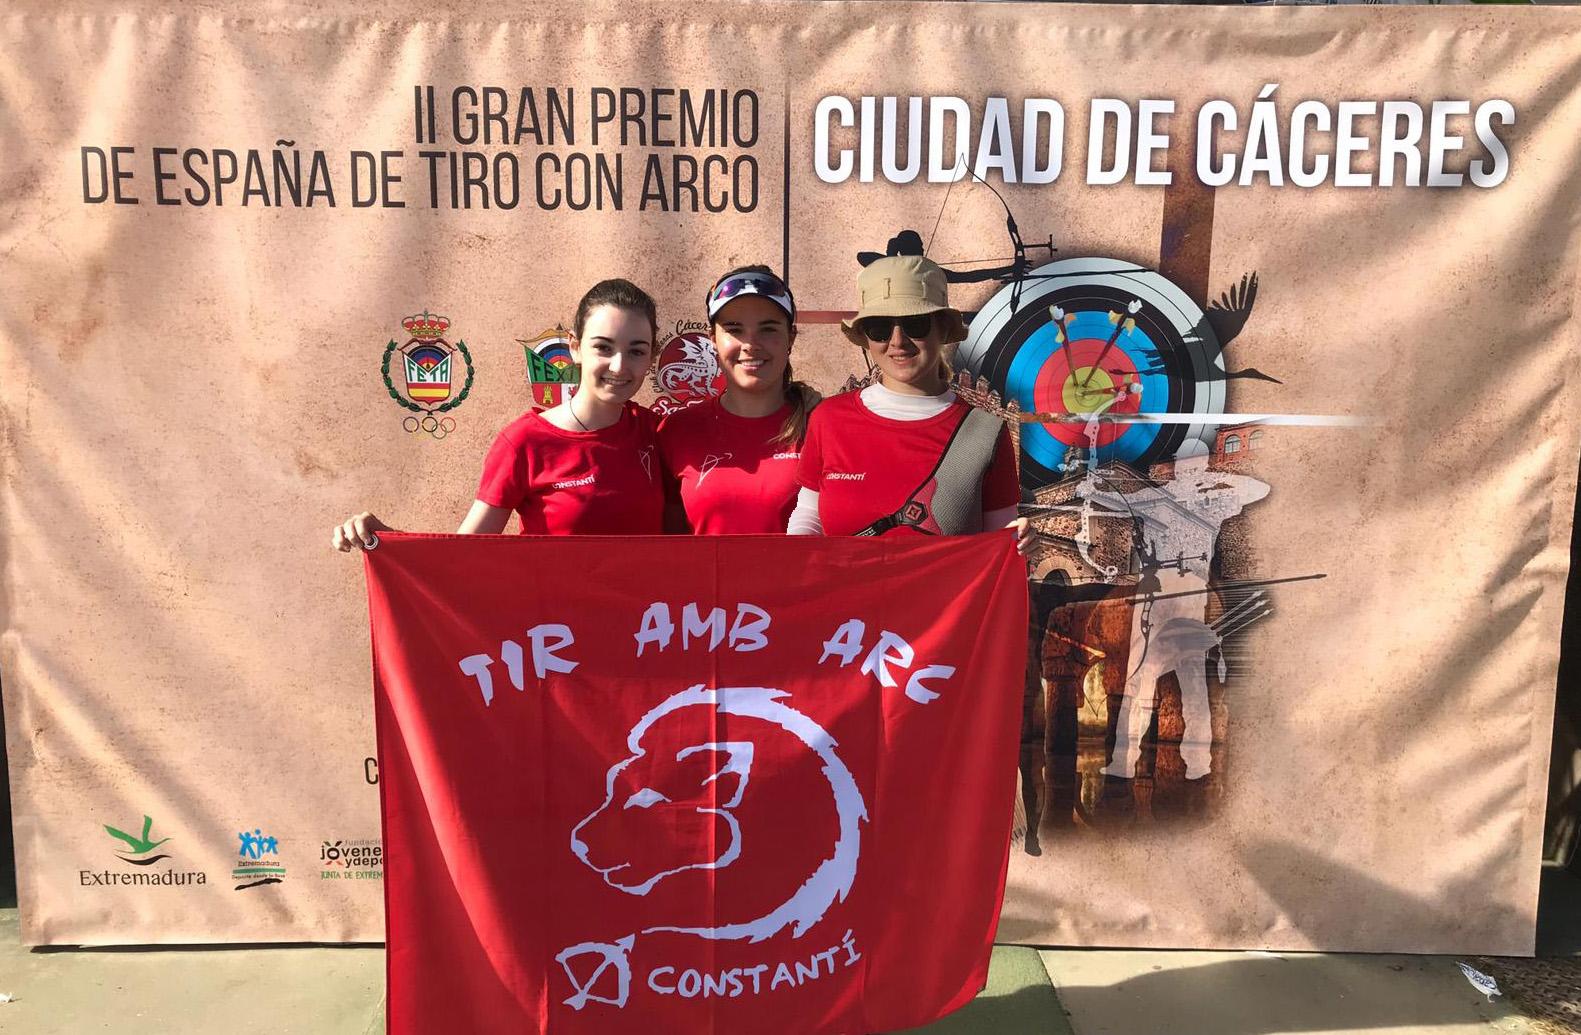 Èlia Canales, medalla de bronze del GP d'Espanya en categoria absoluta